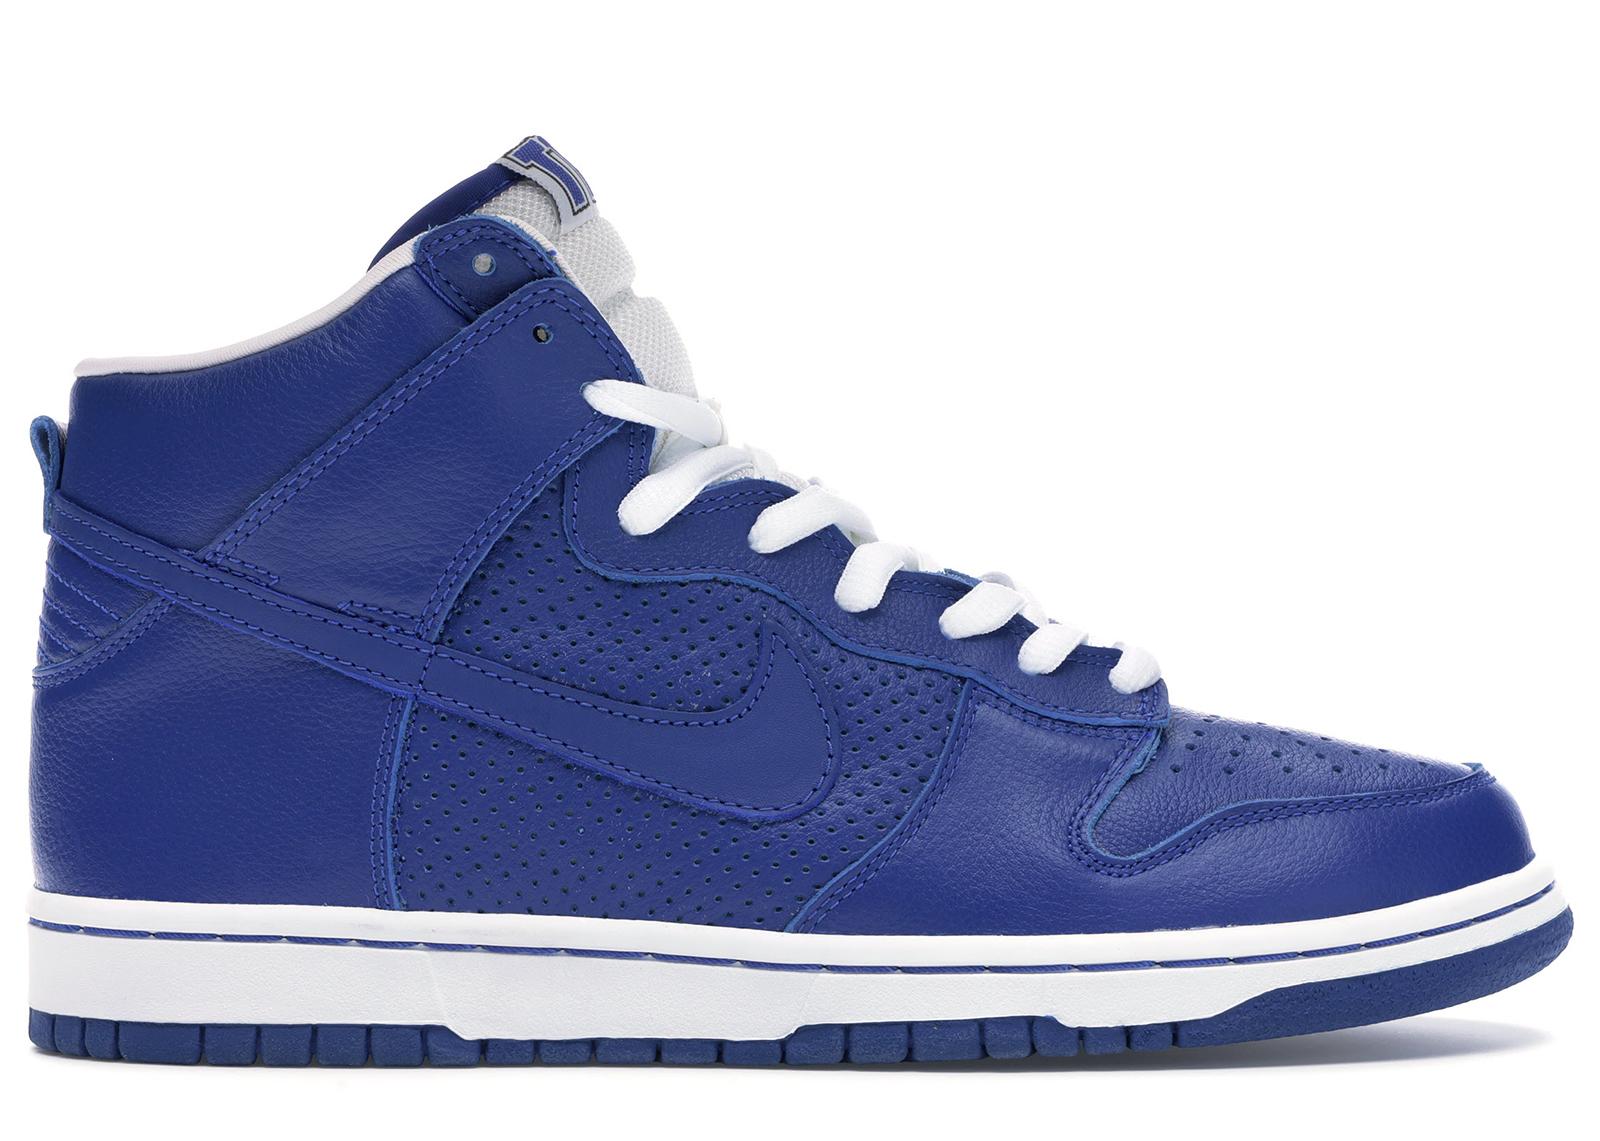 Nike Dunk SB High T19 Royal Blue